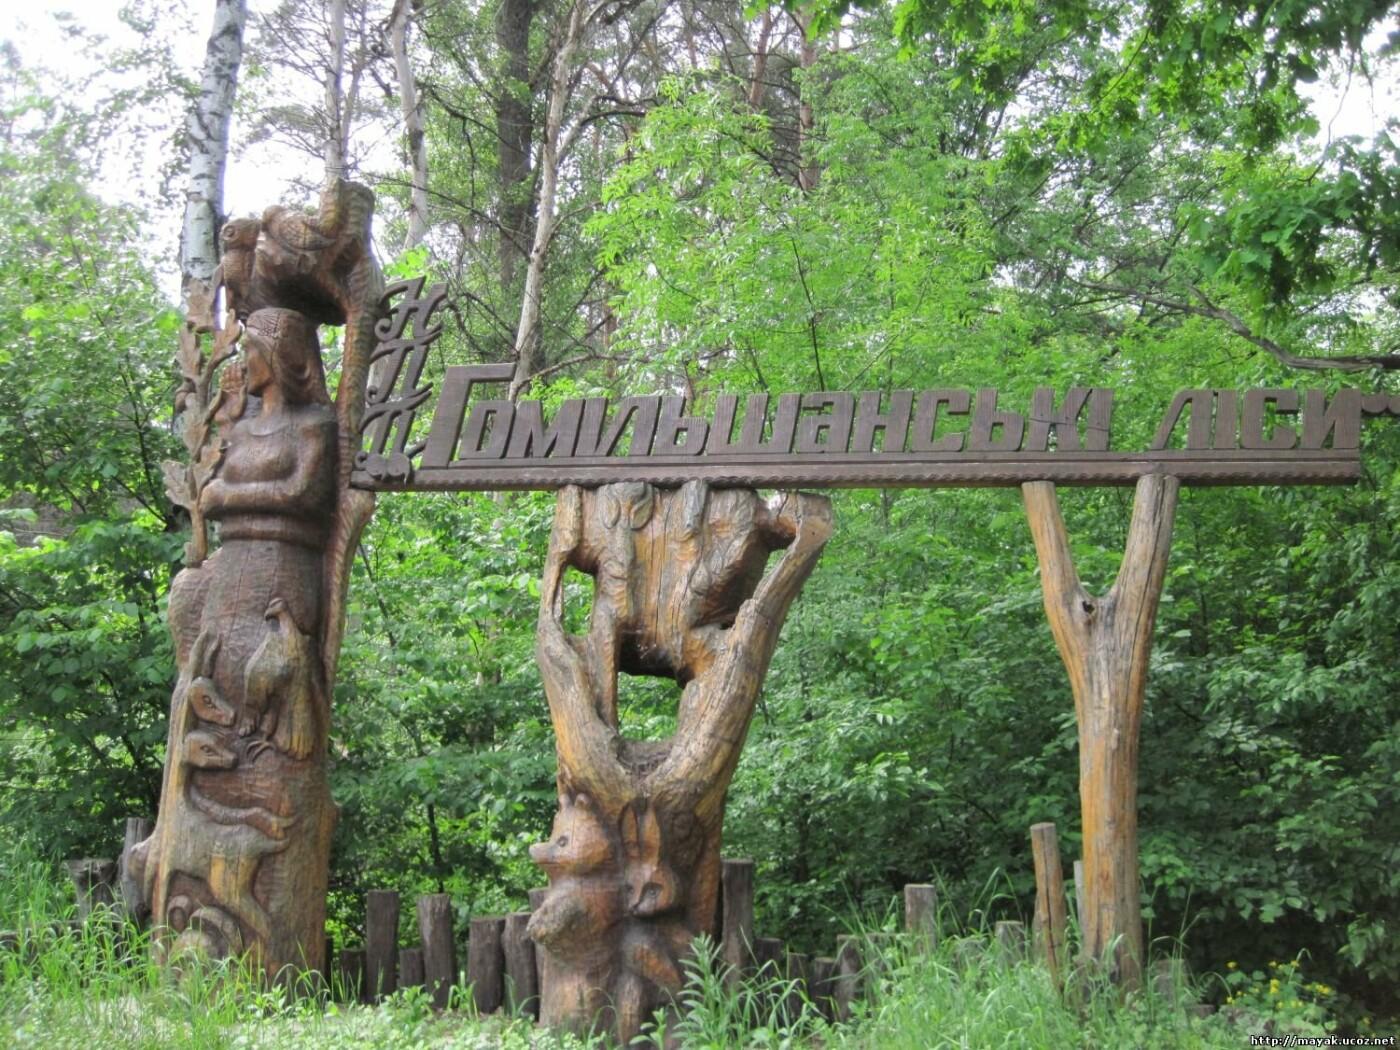 Тур на уик-енд. ТОП-5 мест куда можно поехать на выходные в Харьковской области., фото-7